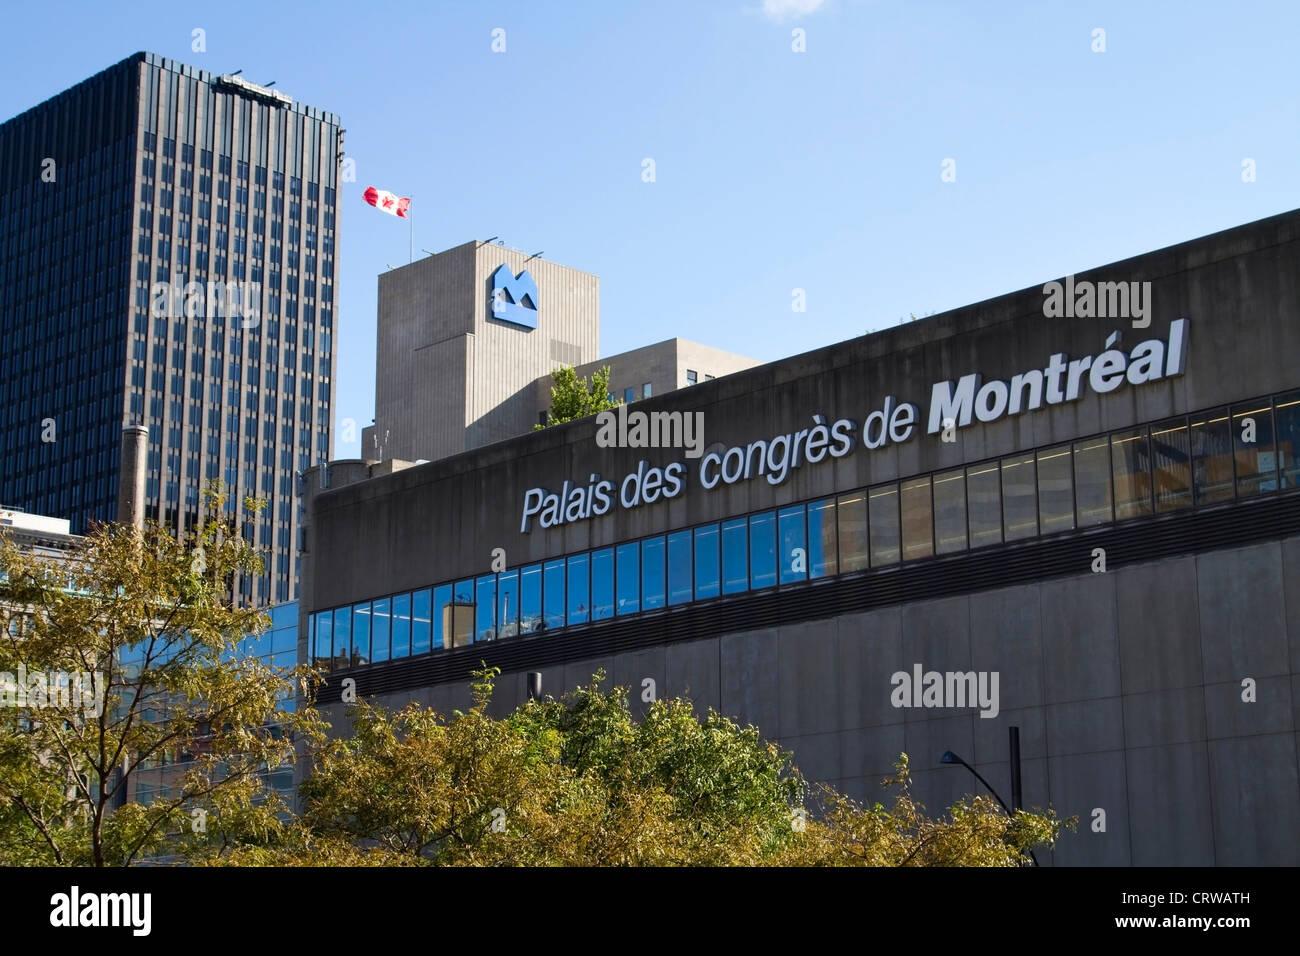 Palais des congrès de Montreal, Quebec Stock Photo